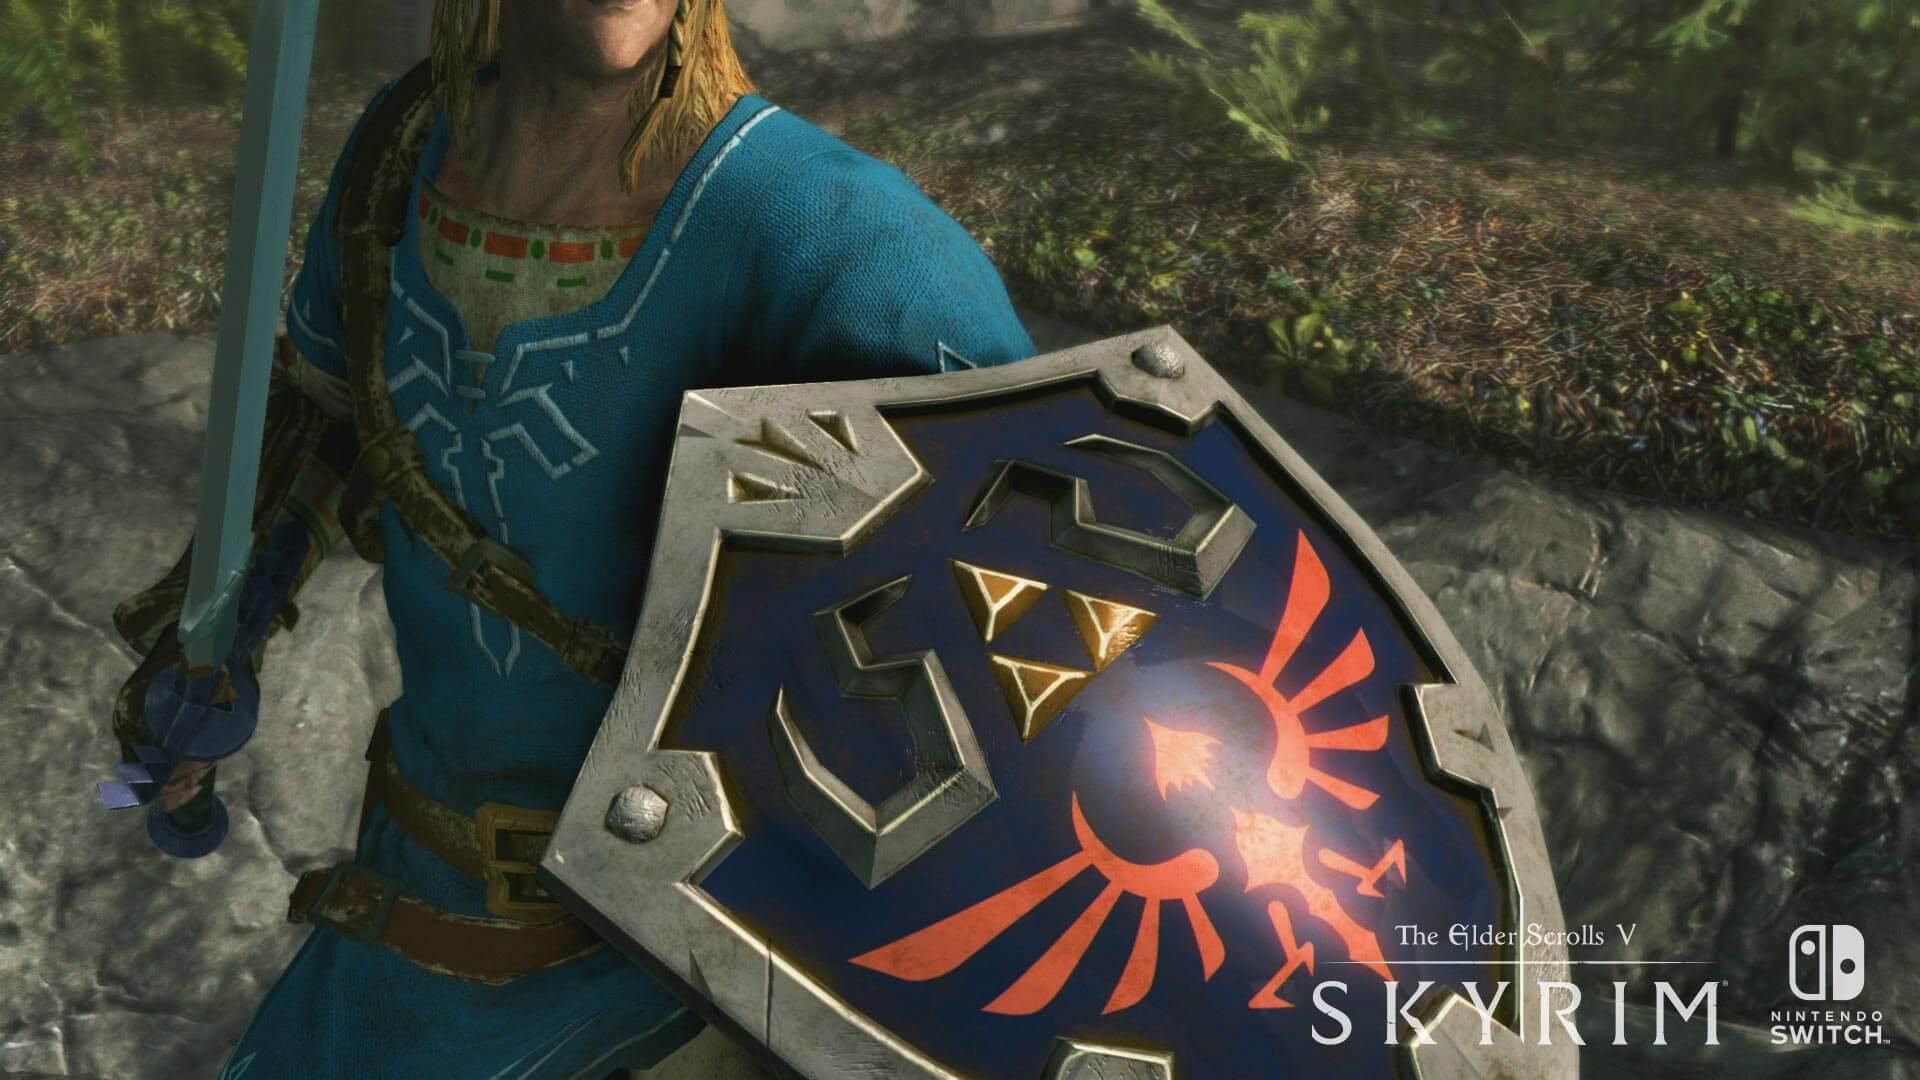 zelda skyrim switch - E3 2017: Skyrim para Nintendo Switch é anunciado com novidades de Legend Of Zelda